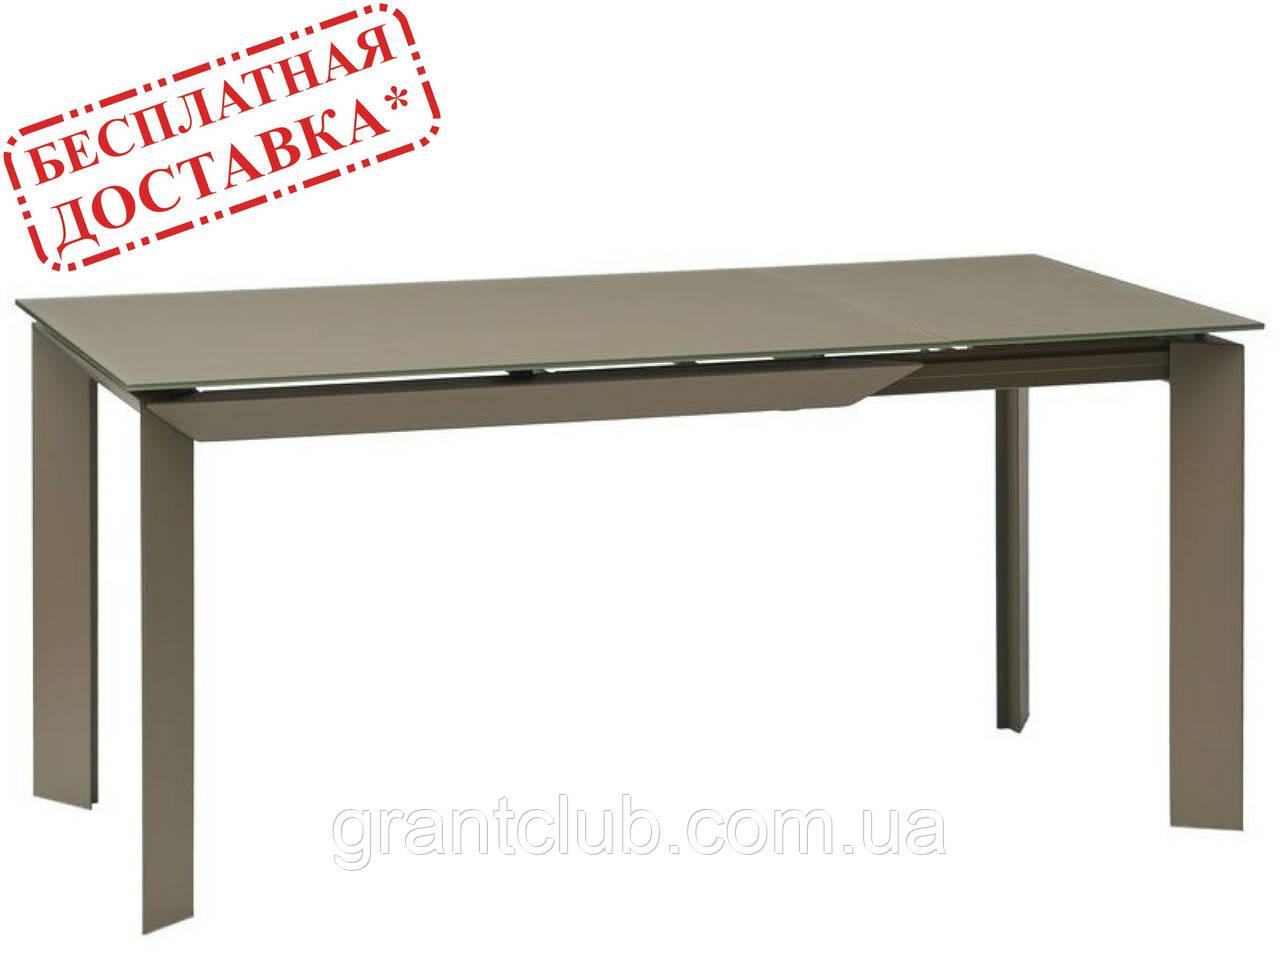 Обеденный стол VERMONT MATT LATTE 120/170х80 латте матовый стекло Concepto (бесплатная доставка)